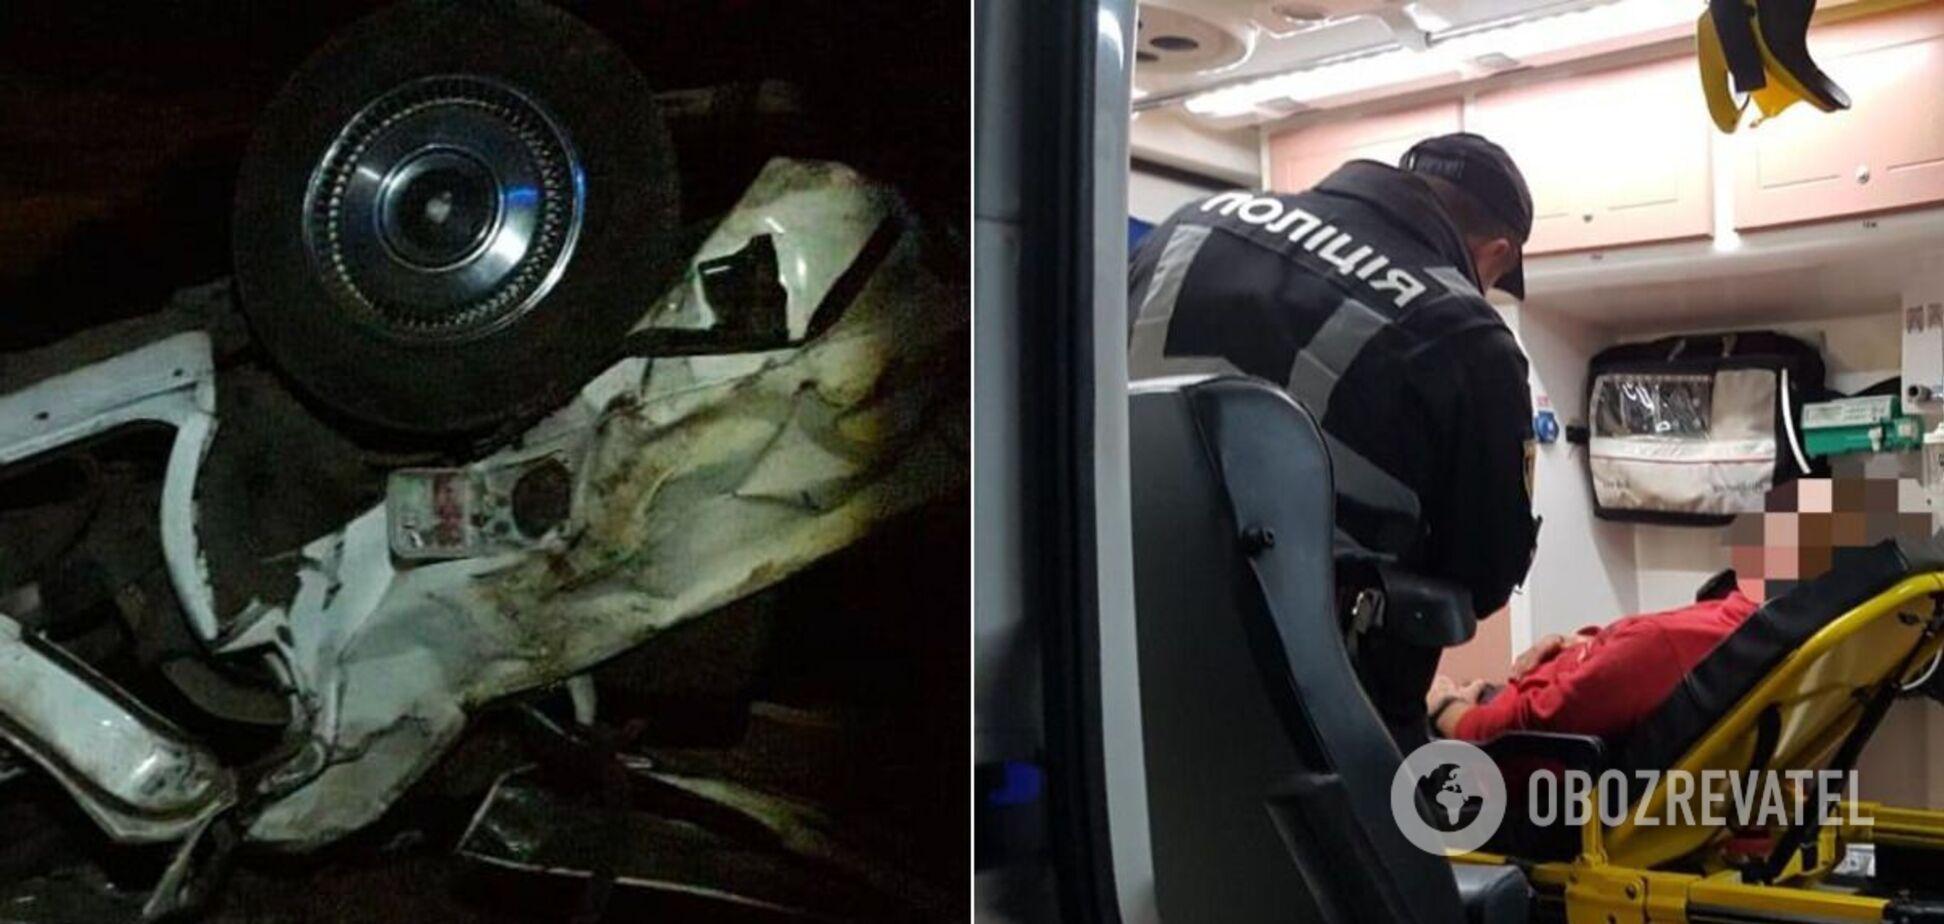 На Одесщине произошло крупное ДТП: двое погибших и 4 раненых. Фото